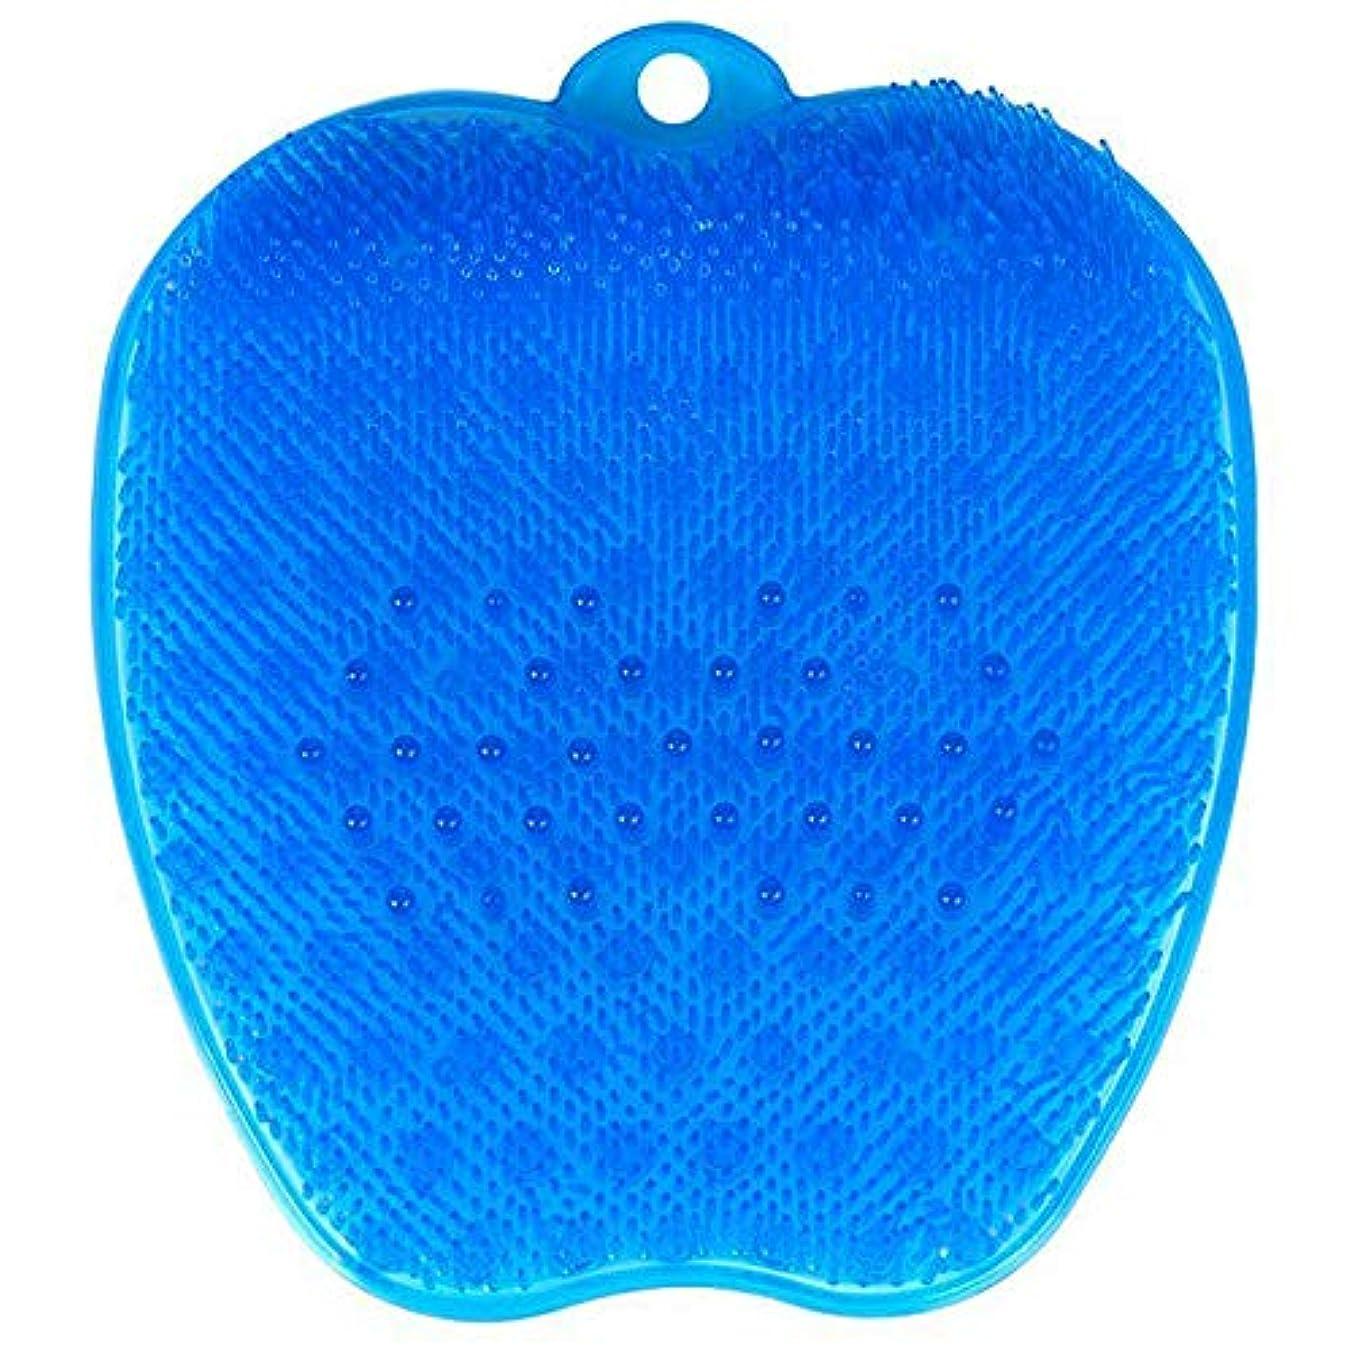 予知たるみアイデア足洗いブラシ 滑らない吸盤付き ブルー フットケア フットブラシ 角質ケアブラシ お風呂で使える